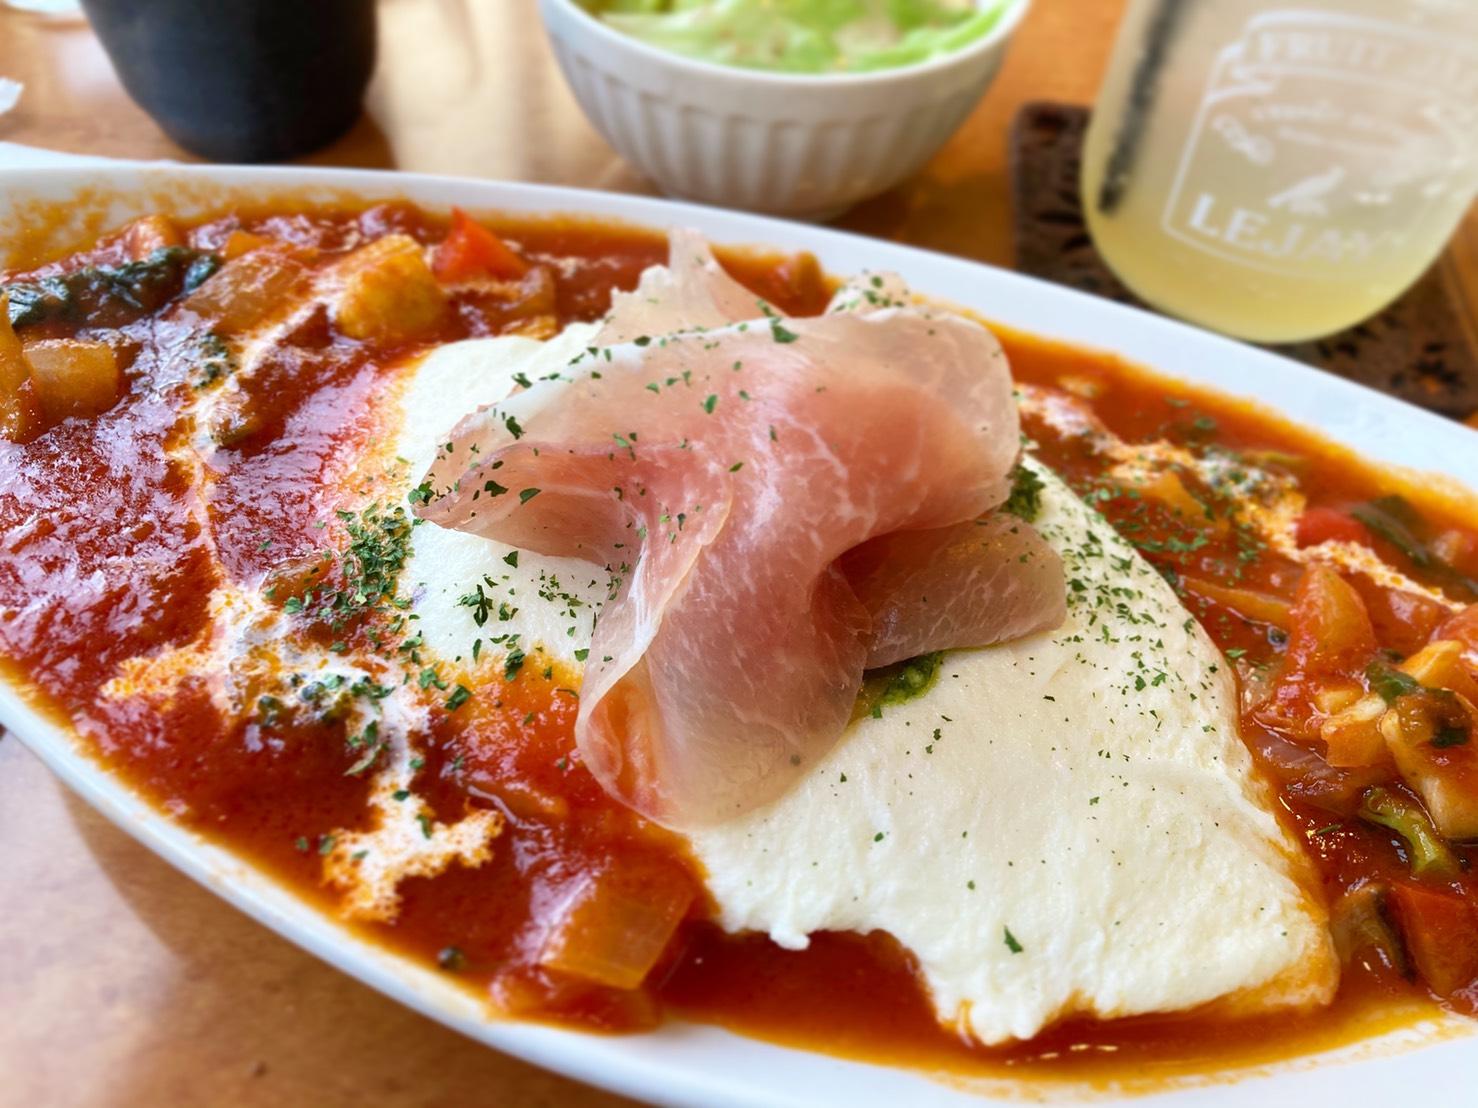 春田|栄養豊富な希少卵を使用した数量限定オムライスは色とりどり!?70を超えるランチメニューが楽しめるカフェレストラン